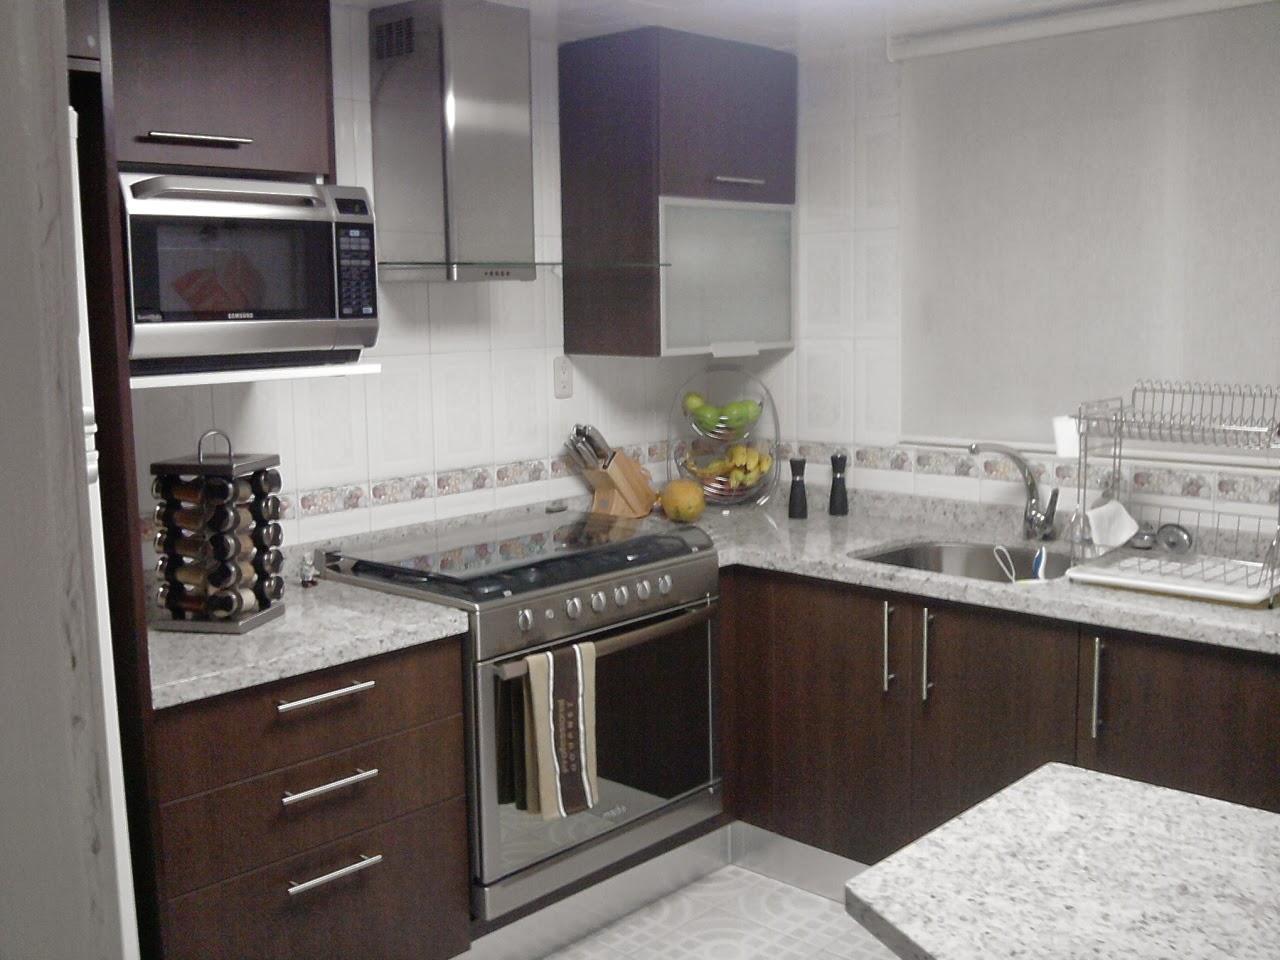 Dise o en cocinas integrales for Disenos cocinas integrales